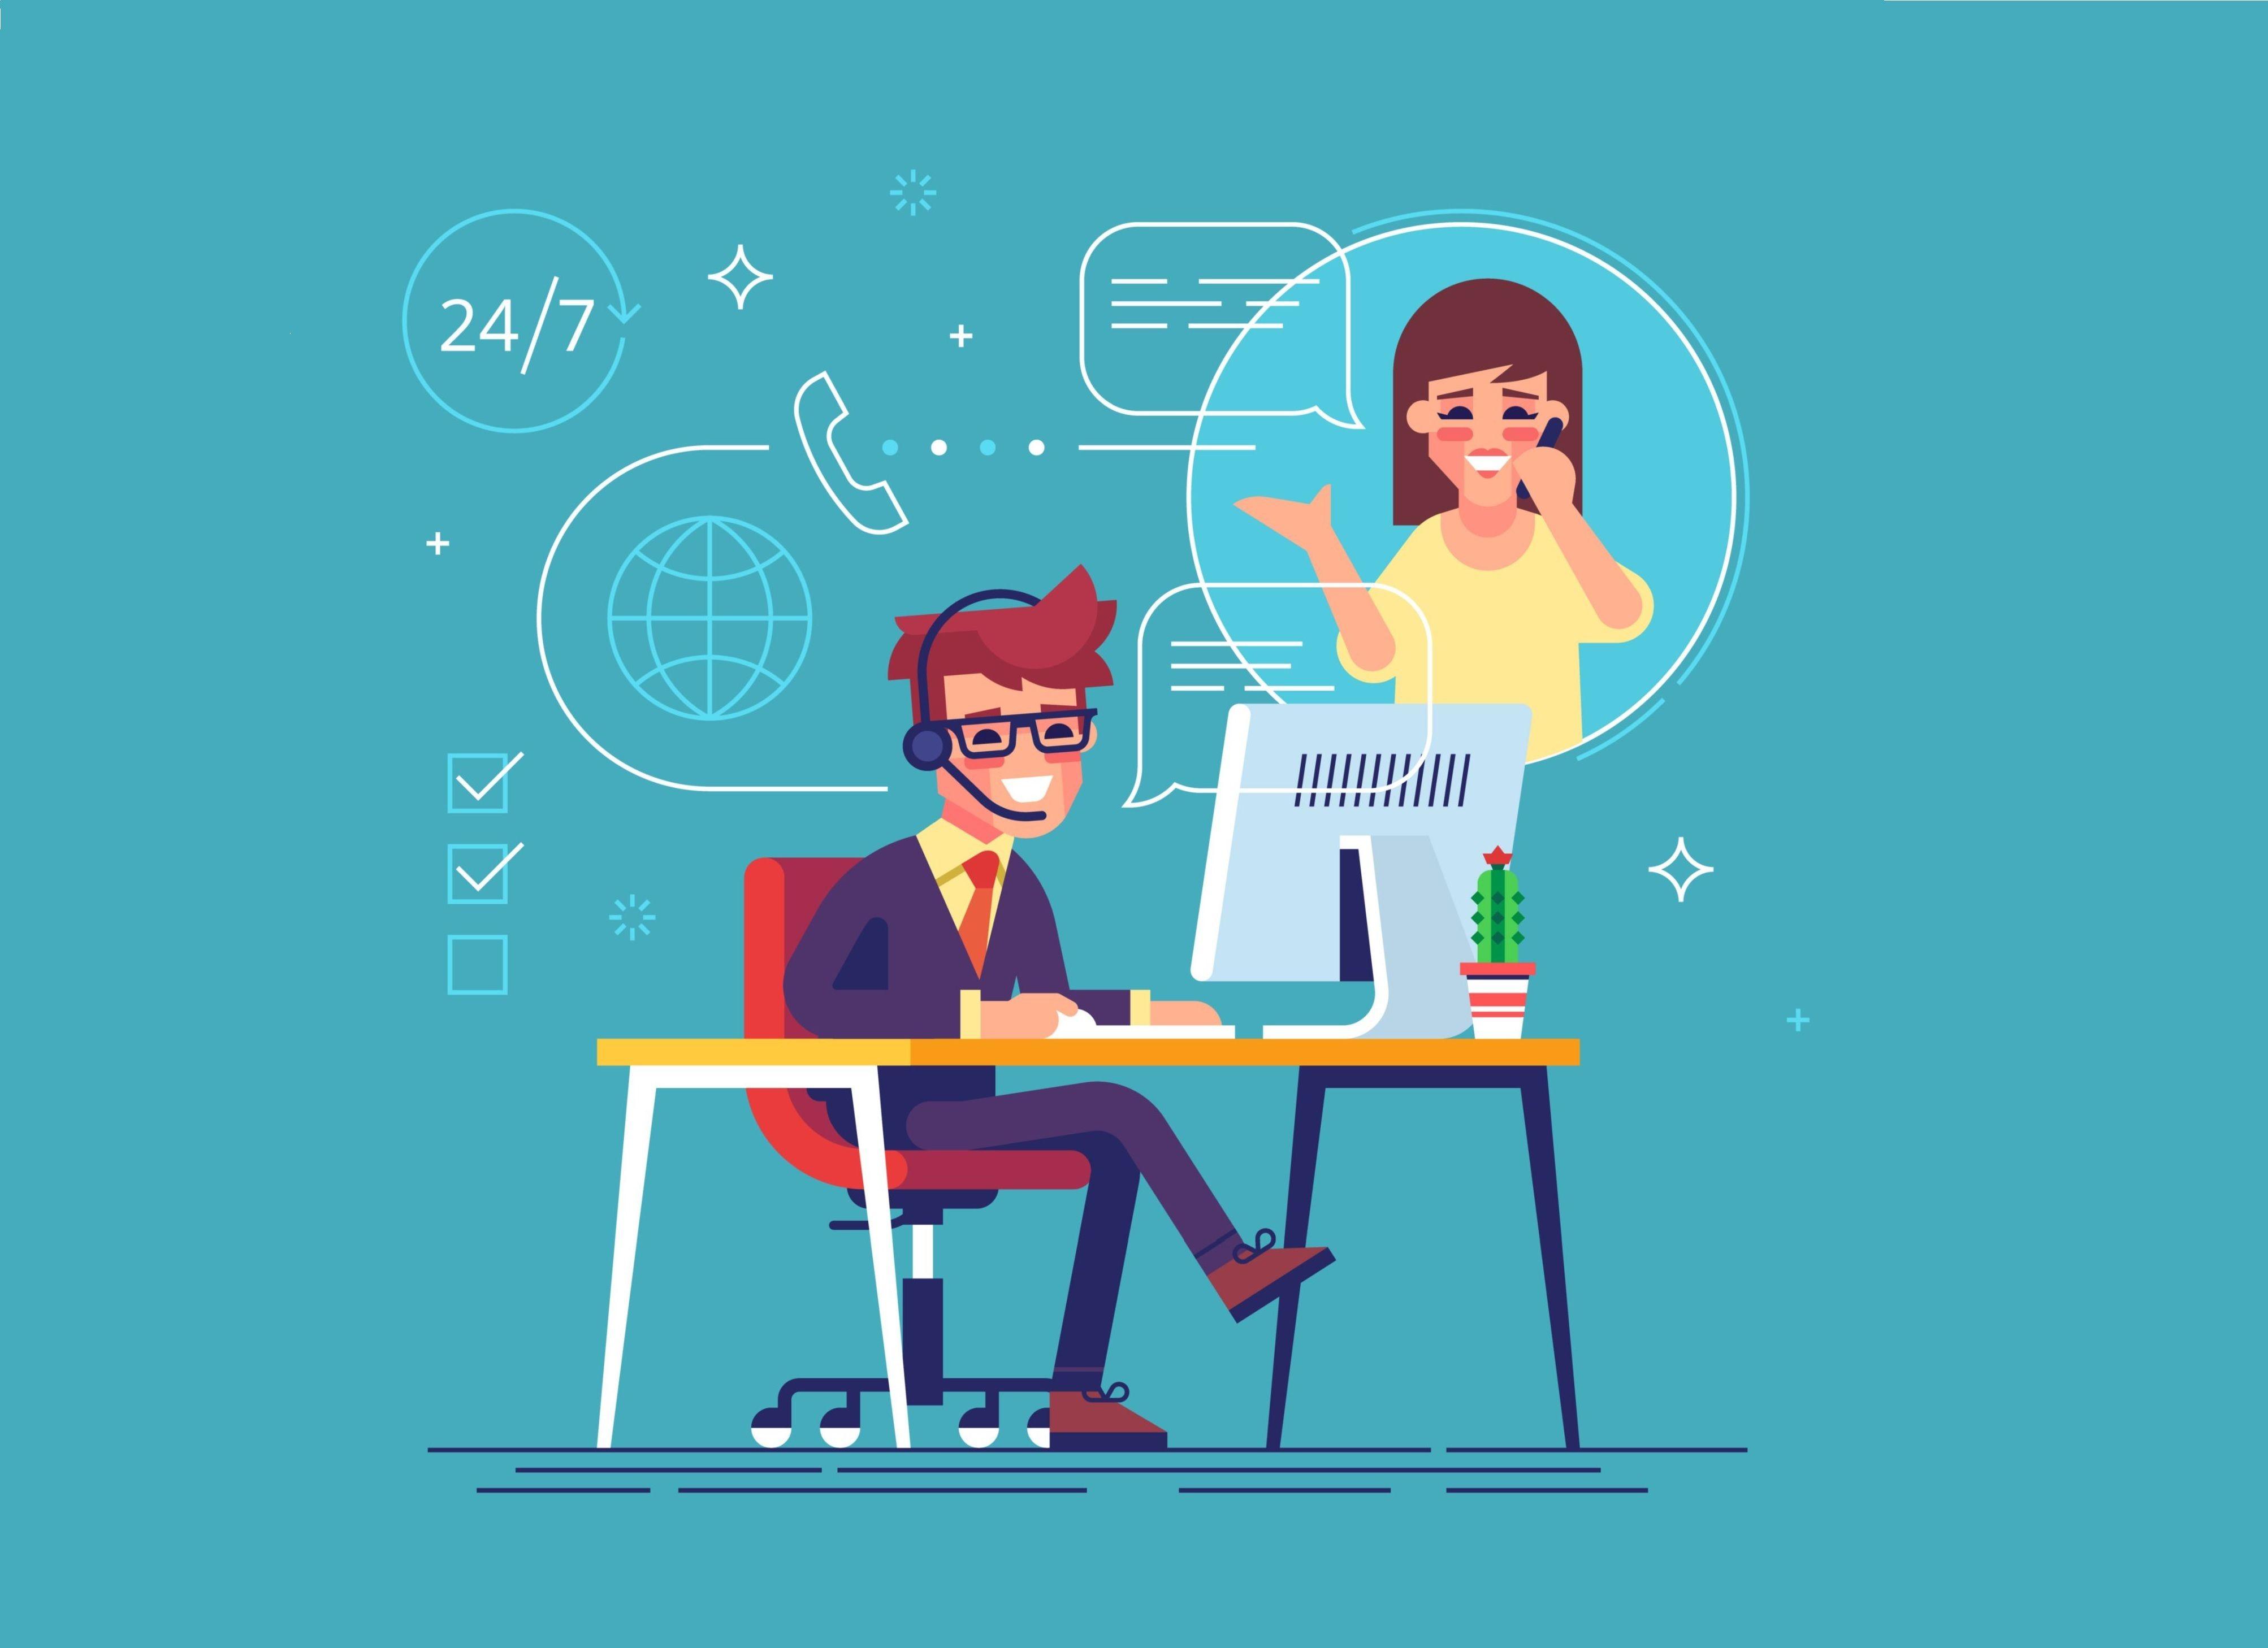 Najbardziej poszukiwane są osoby, które cechuje komunikatywność, chęć kontaktu z klientem, dynamiczność, otwartość i wielozadaniowość (fot. shutterstock)